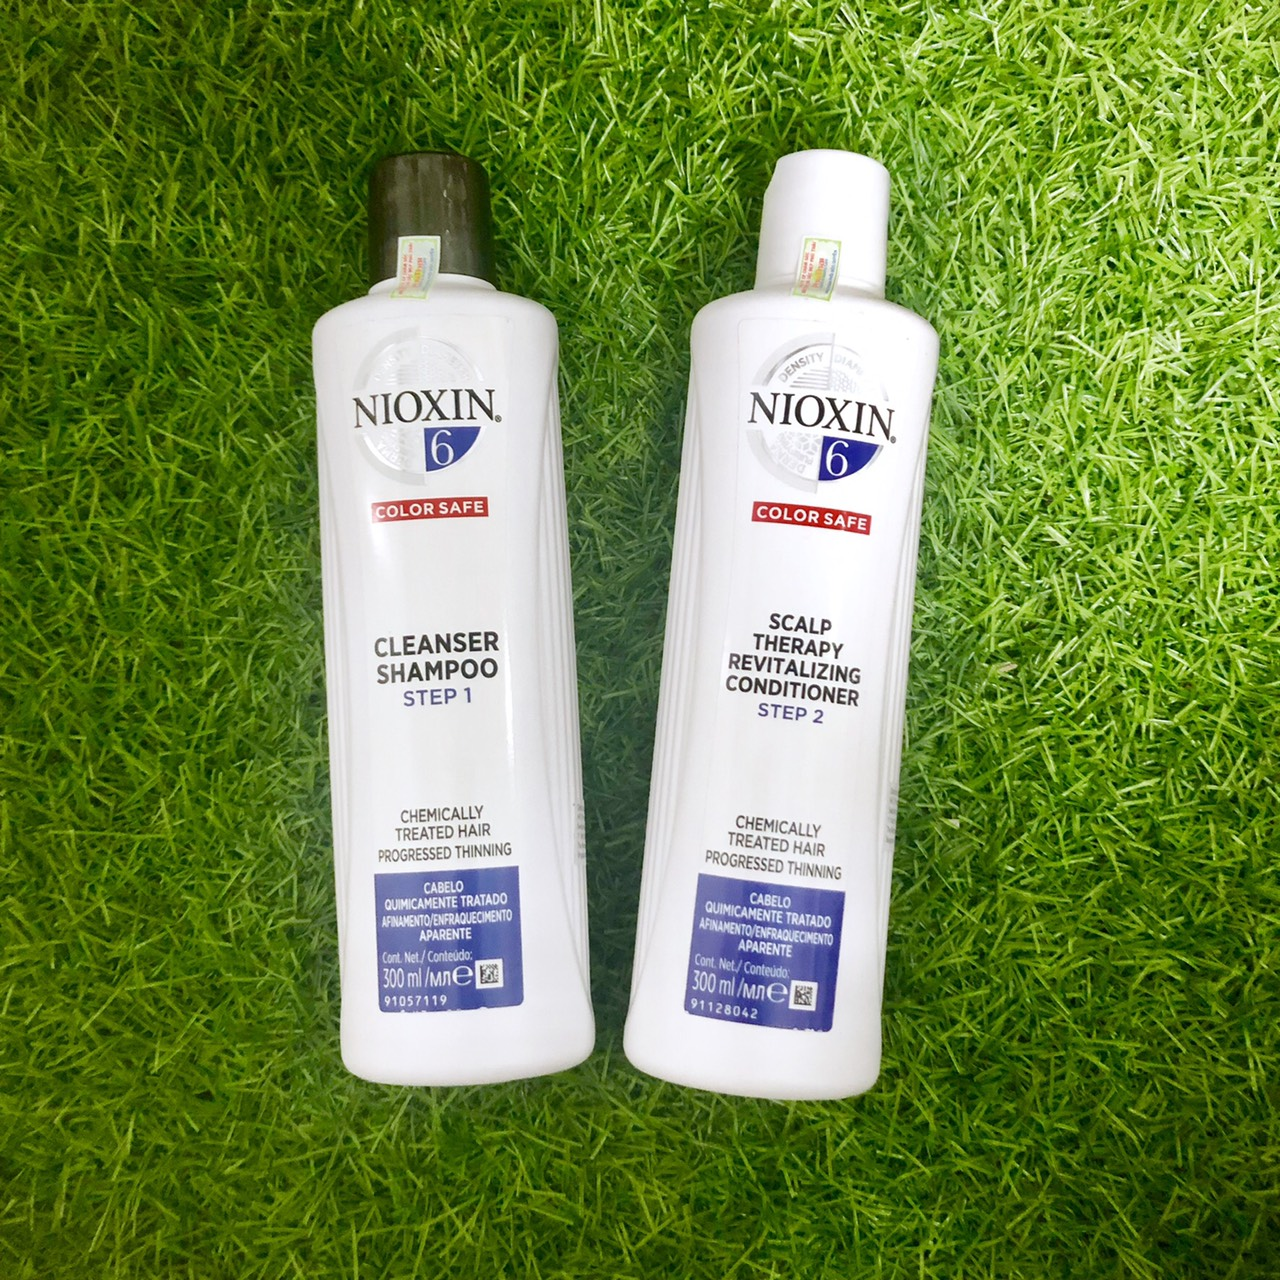 Dầu gội xả Nioxin 6 Chemically Treated Hair Progressed Thinning Cho tóc uốn duỗi tẩy có dấu hiệu thưa rụng Mỹ 300ml